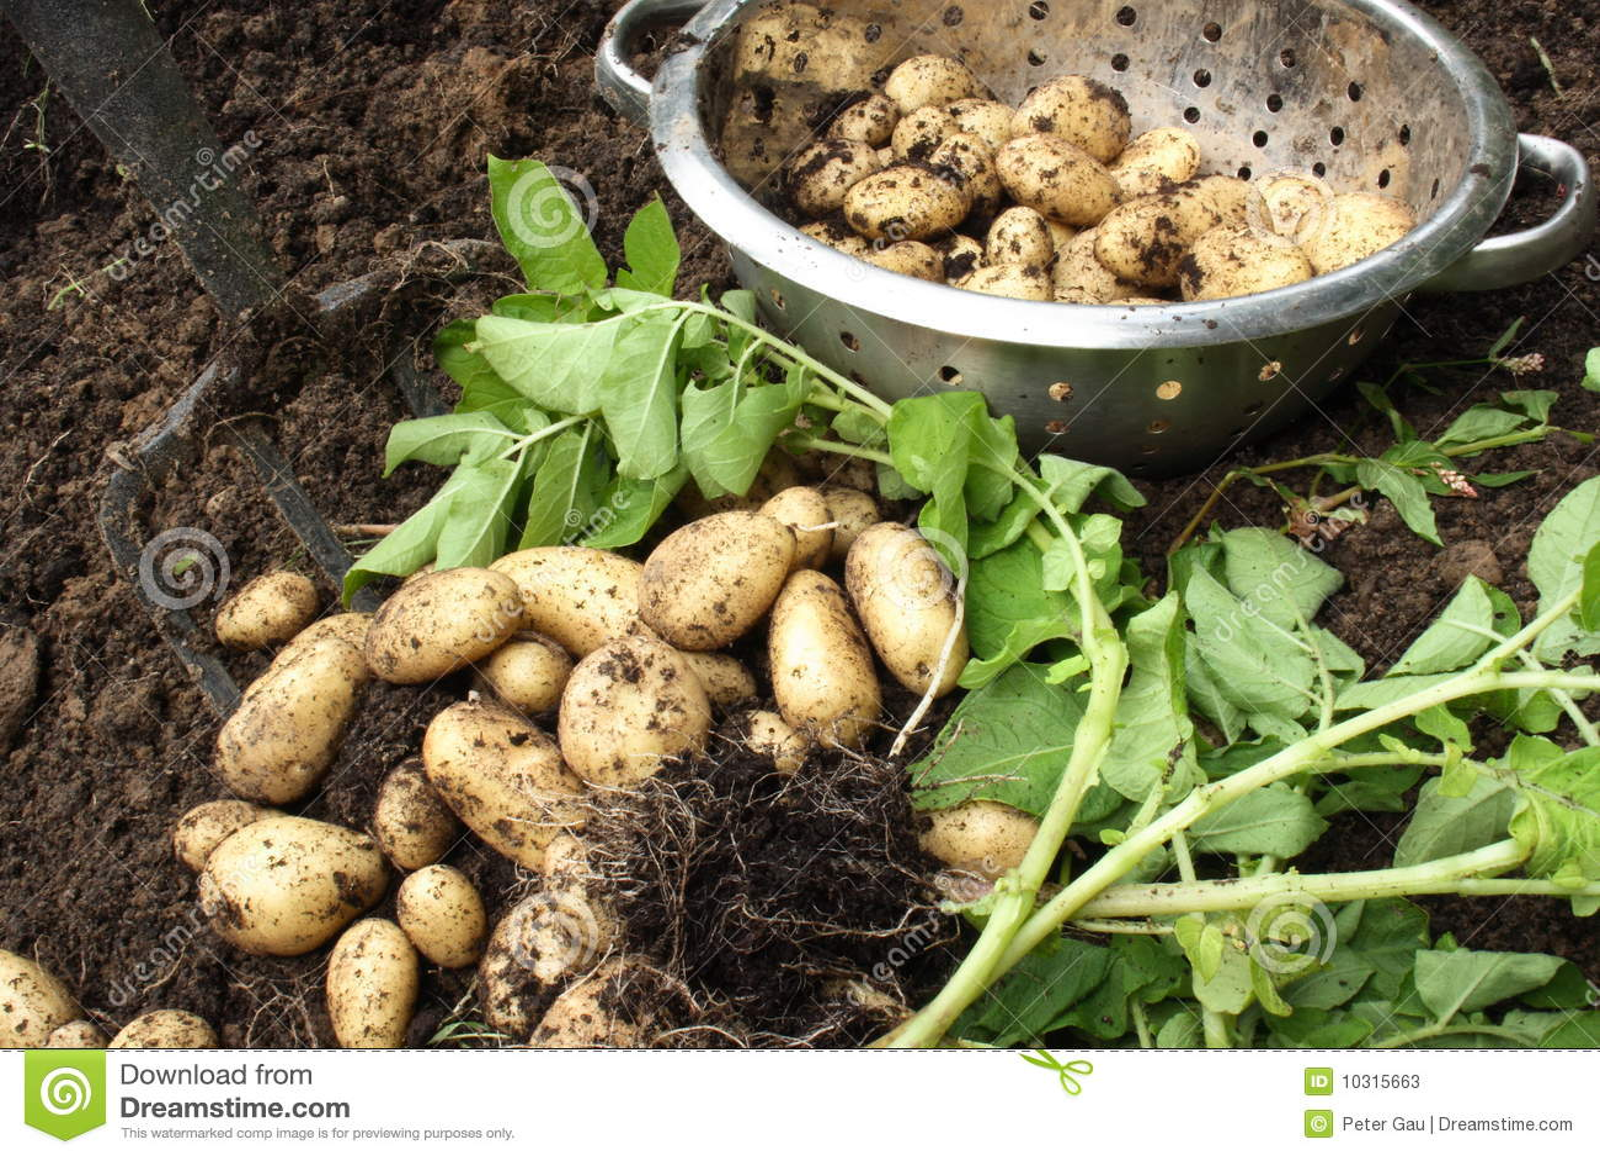 库存照片: 收获有机土豆图片